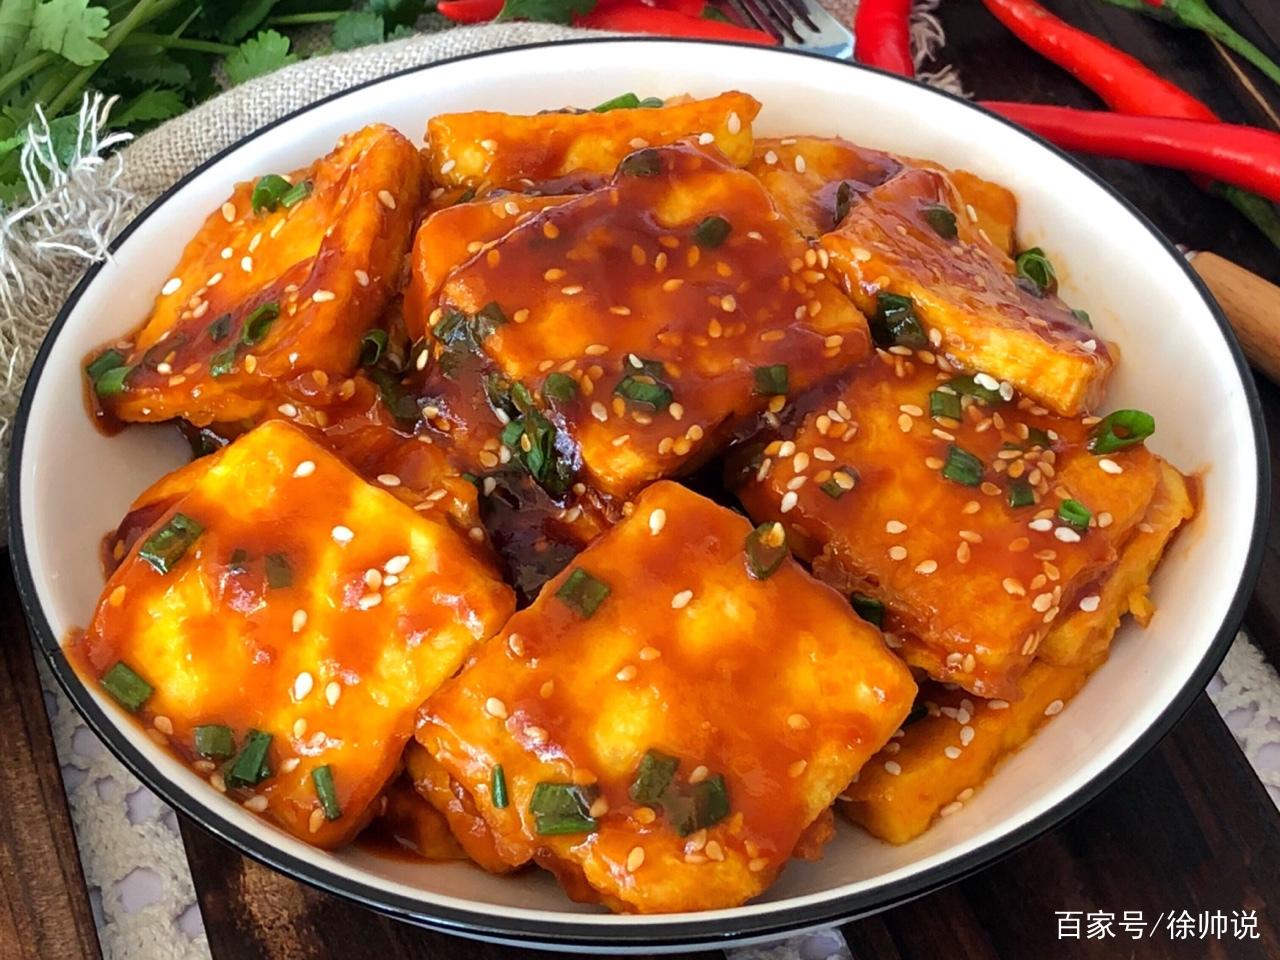 外酥里嫩,脆皮豆腐,做法简单,色泽诱人,口感嫩滑!